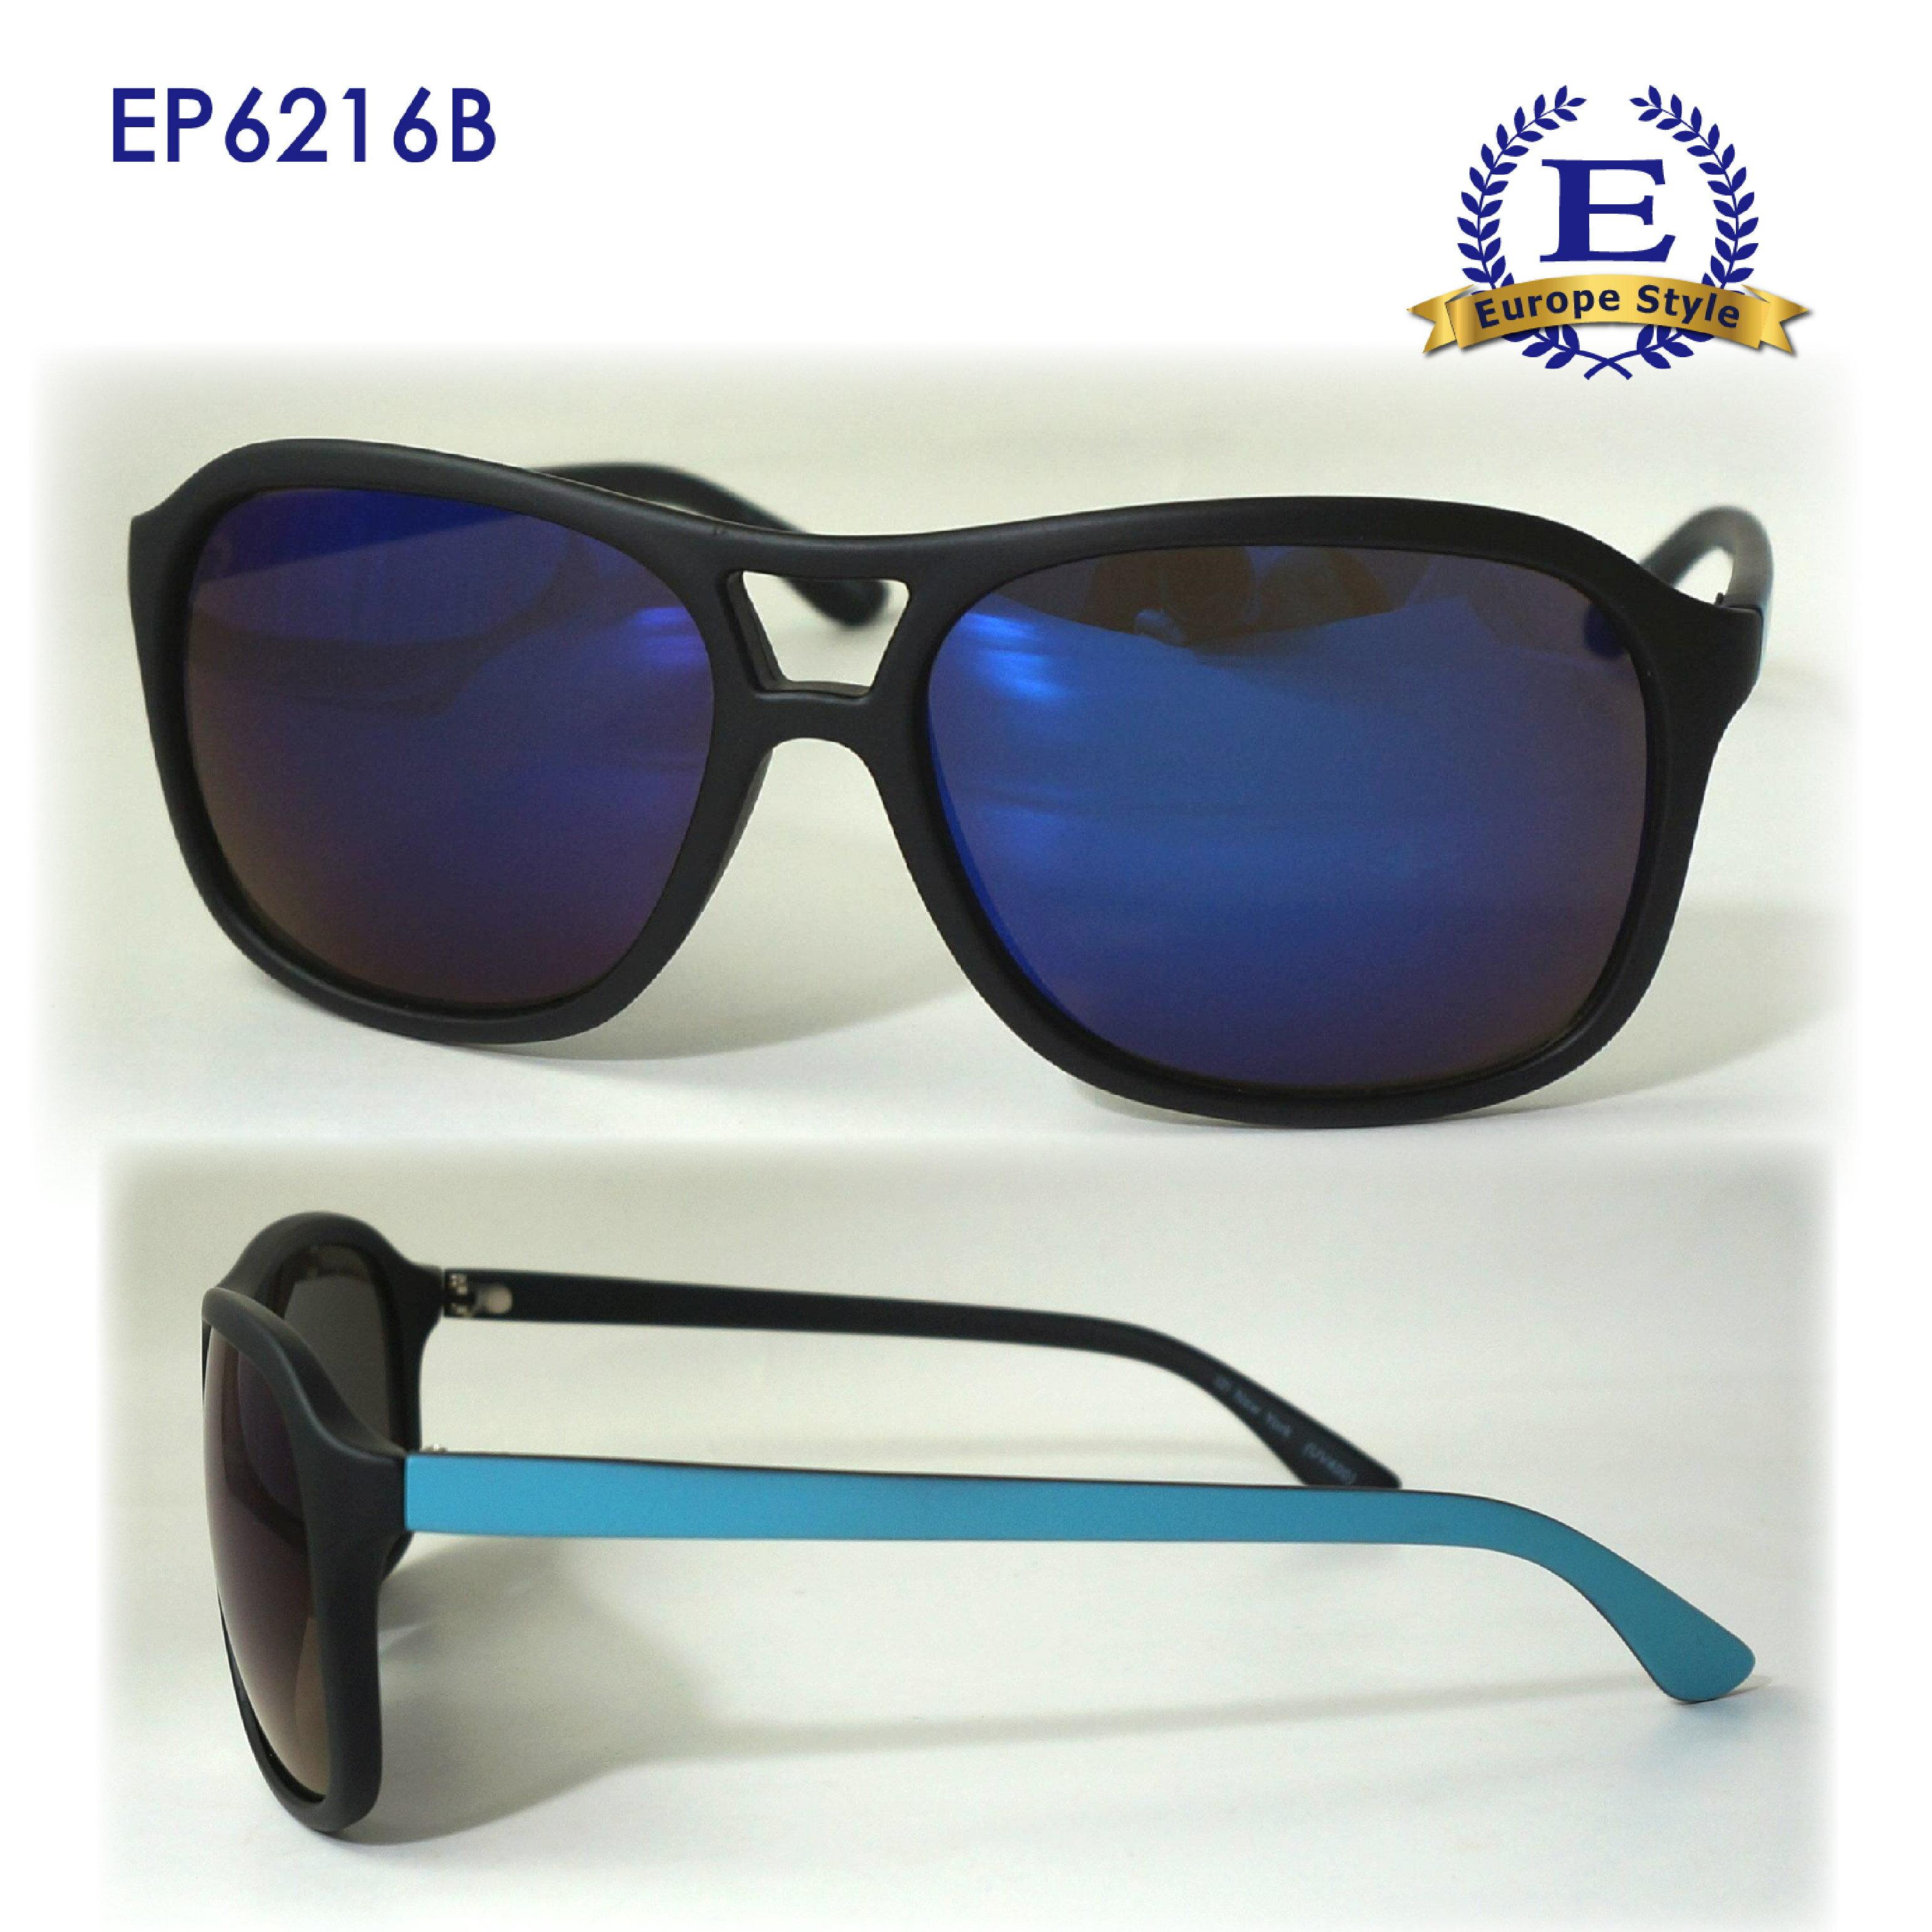 【歐風天地】太陽眼鏡 EP6216B 流行時尚 復古帥氣 流行時尚 防風眼鏡 單車眼鏡 運動太陽眼鏡 運動眼鏡 自行車眼鏡 野外戶外用品